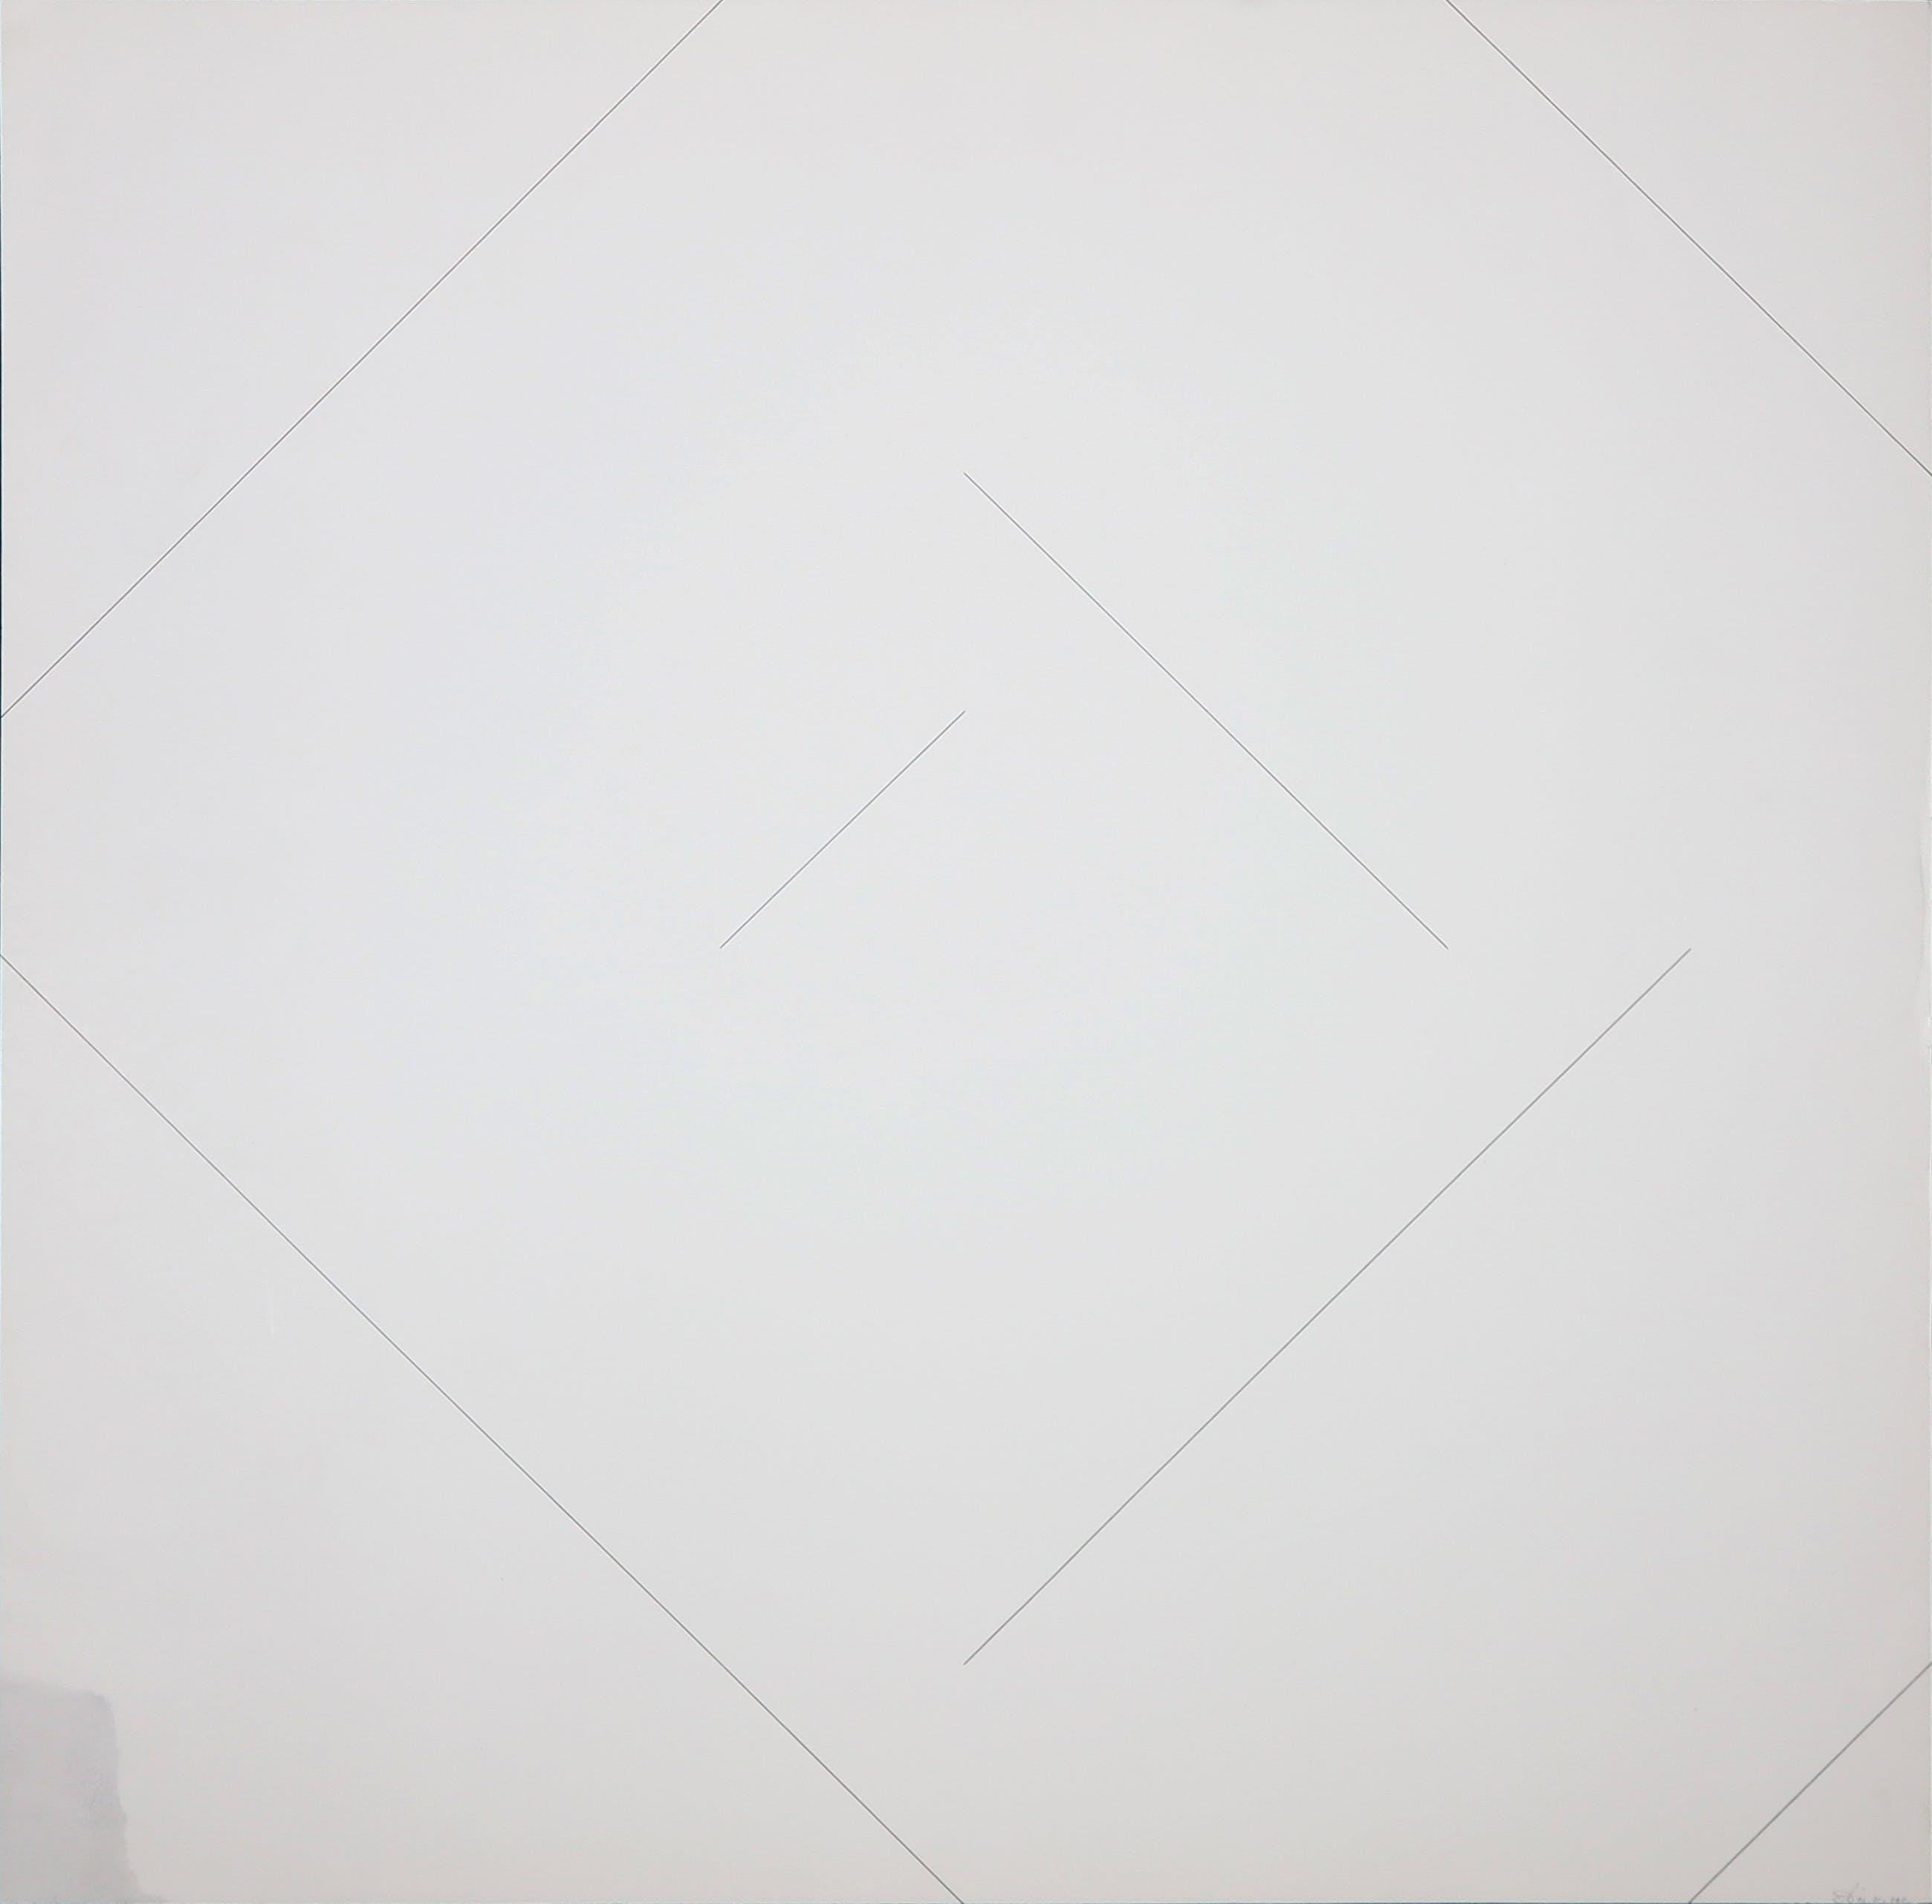 Ad Dekkers - Zeefdruk, Abstracte compositie II kopen? Bied vanaf 1!